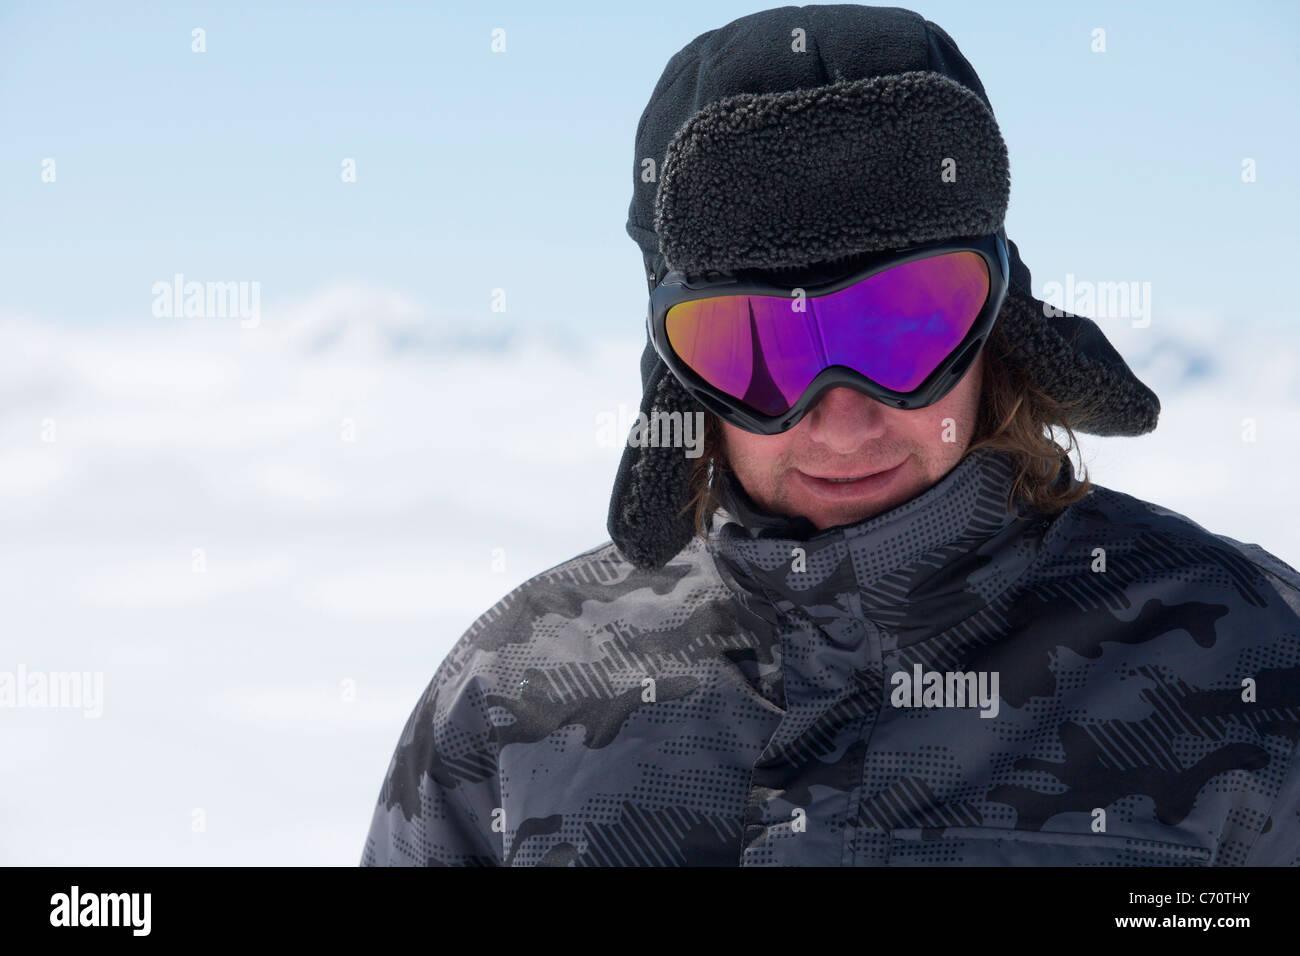 Smiling man wearing ski goggles - Stock Image